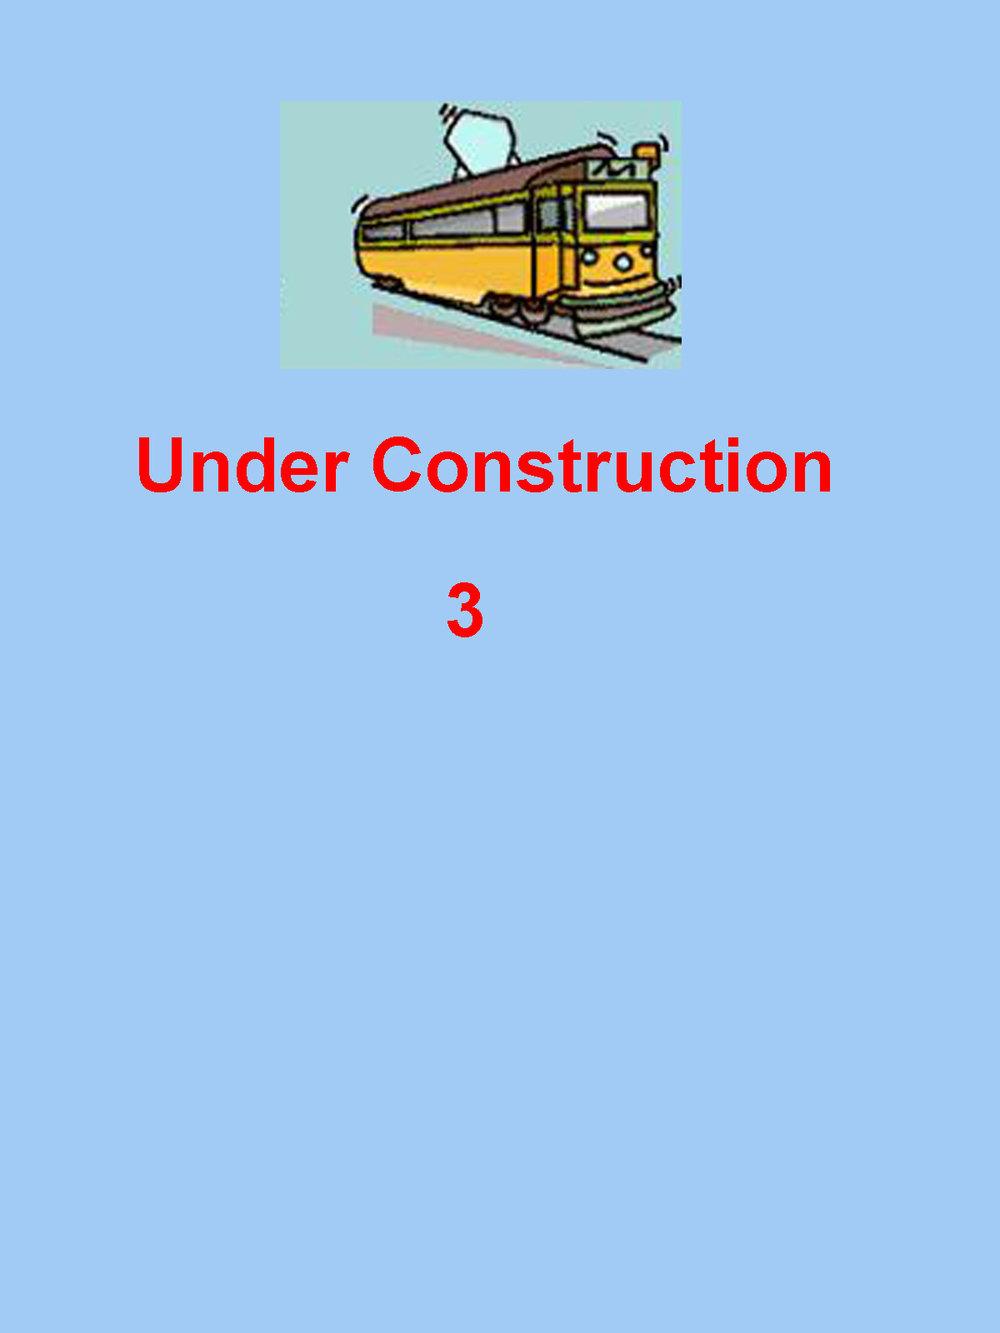 Under Construction 3.jpg